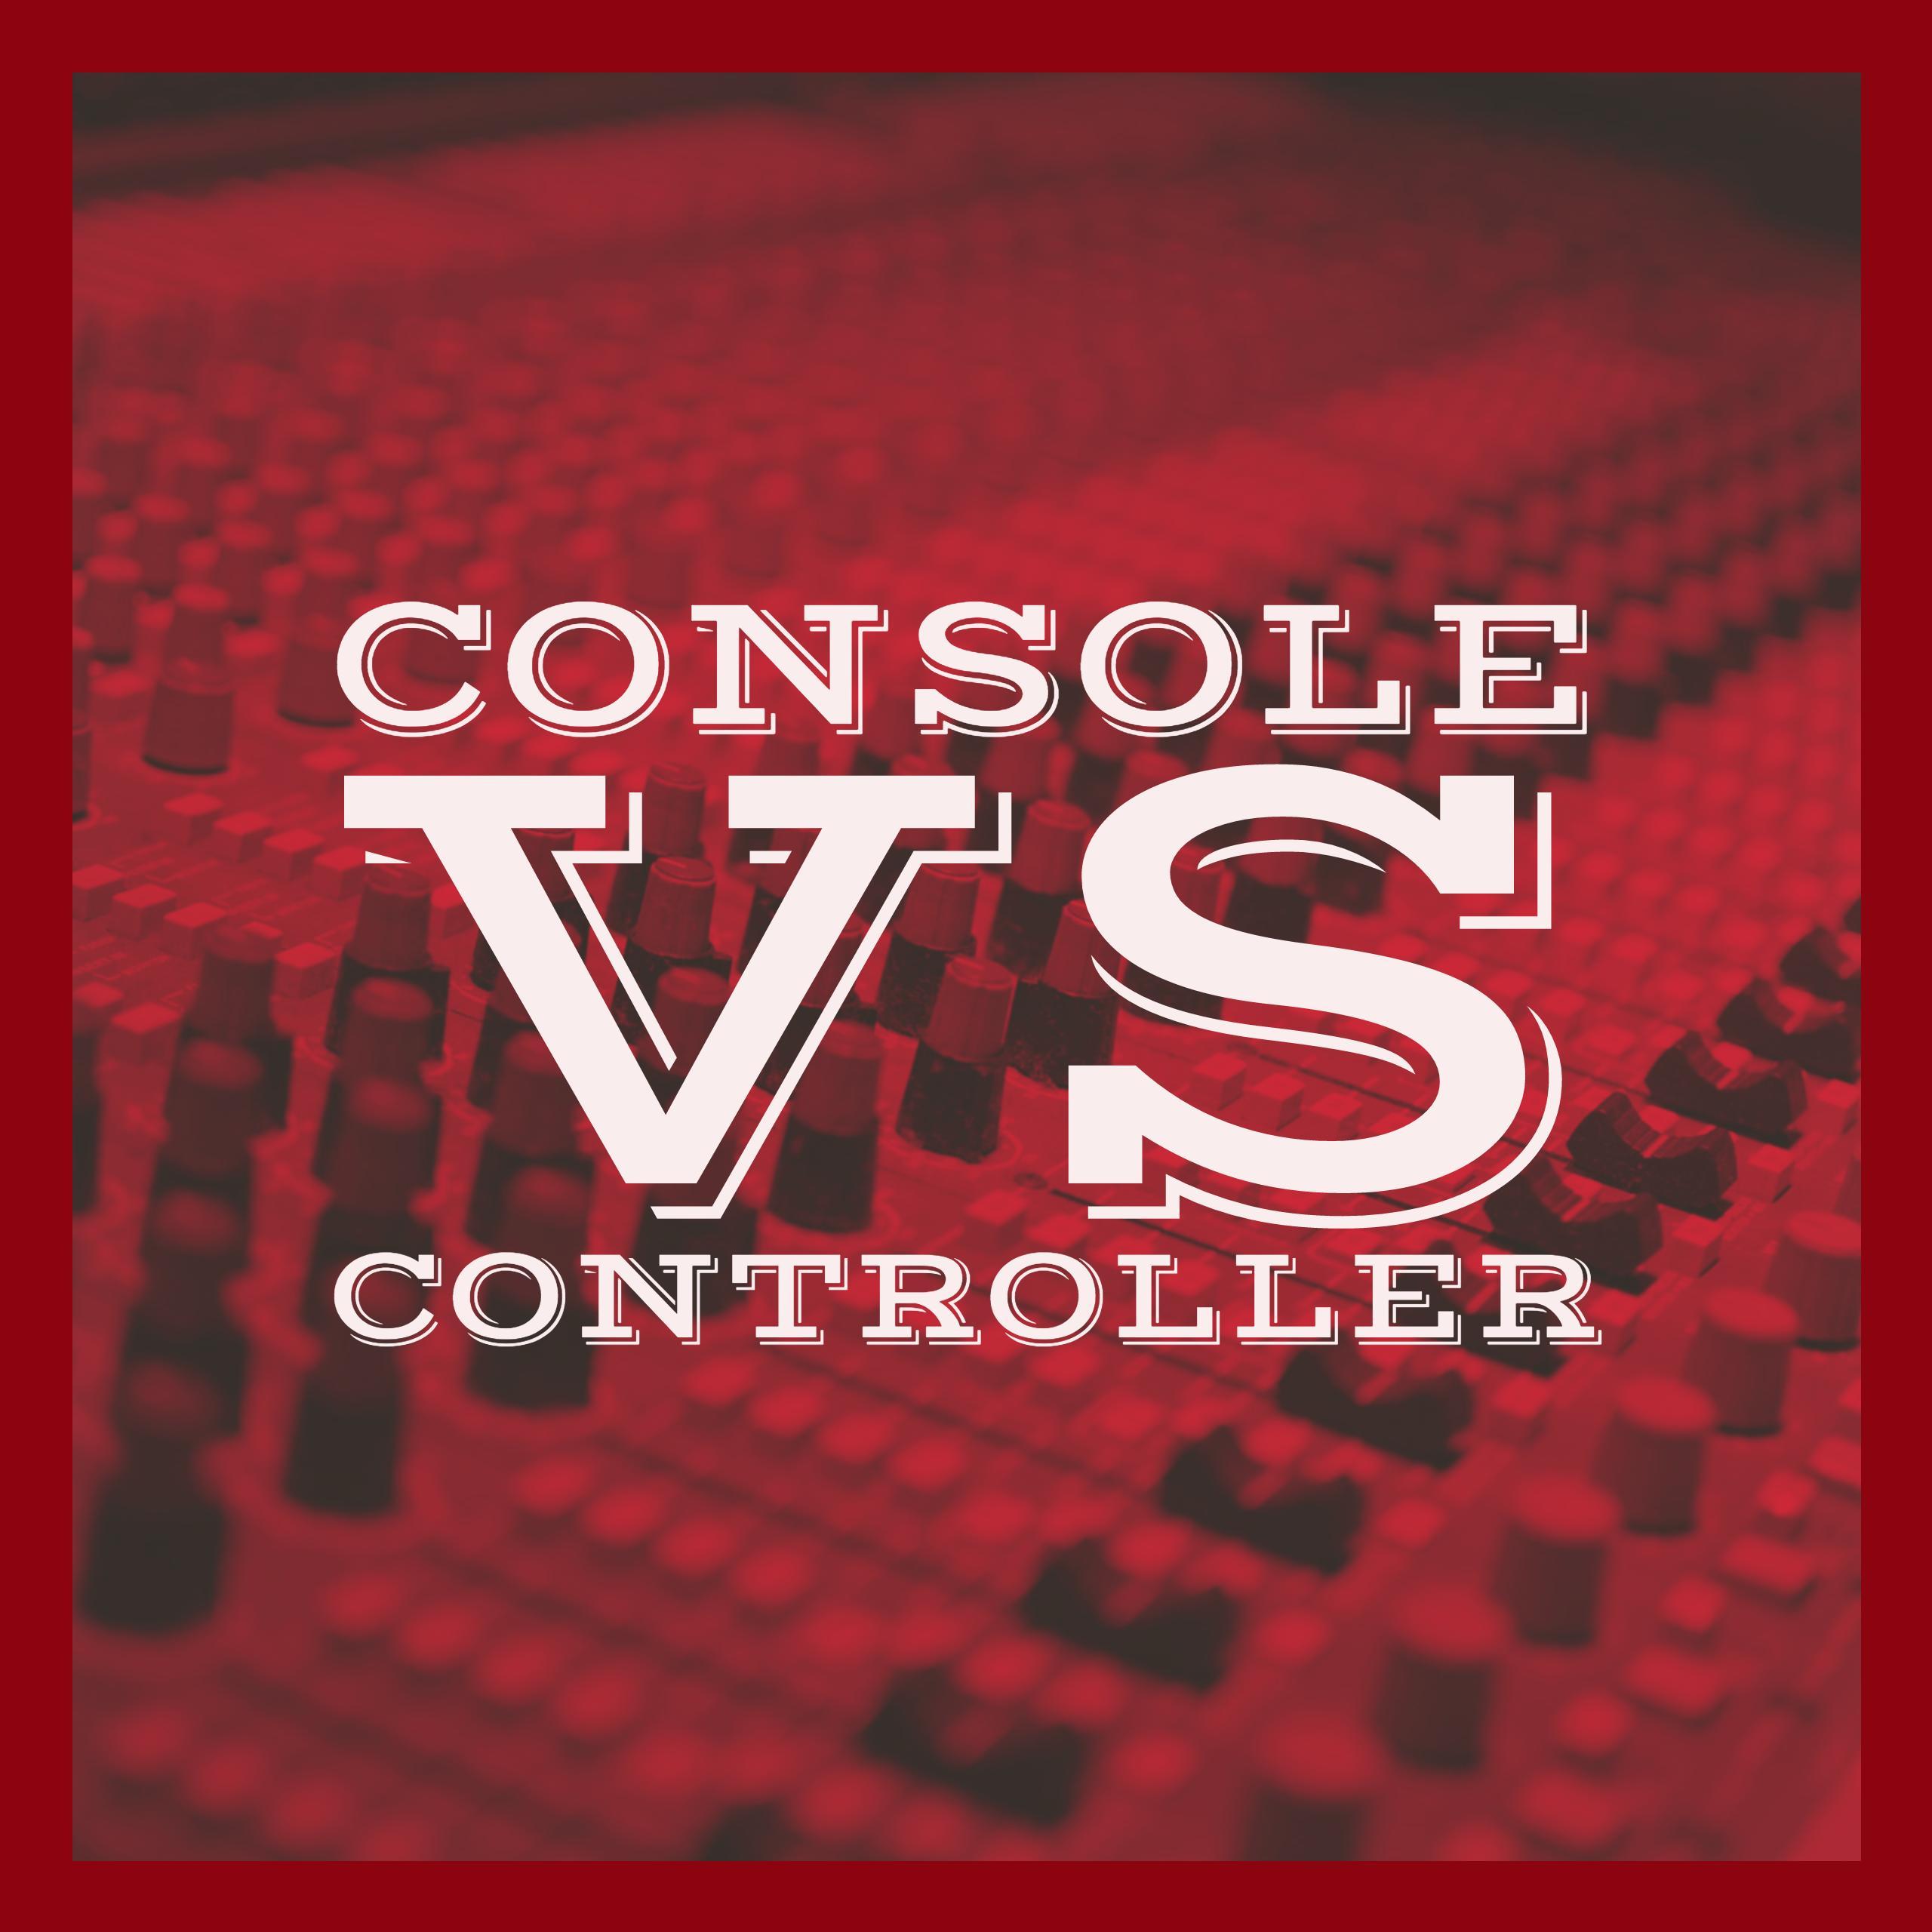 console-vs-controller